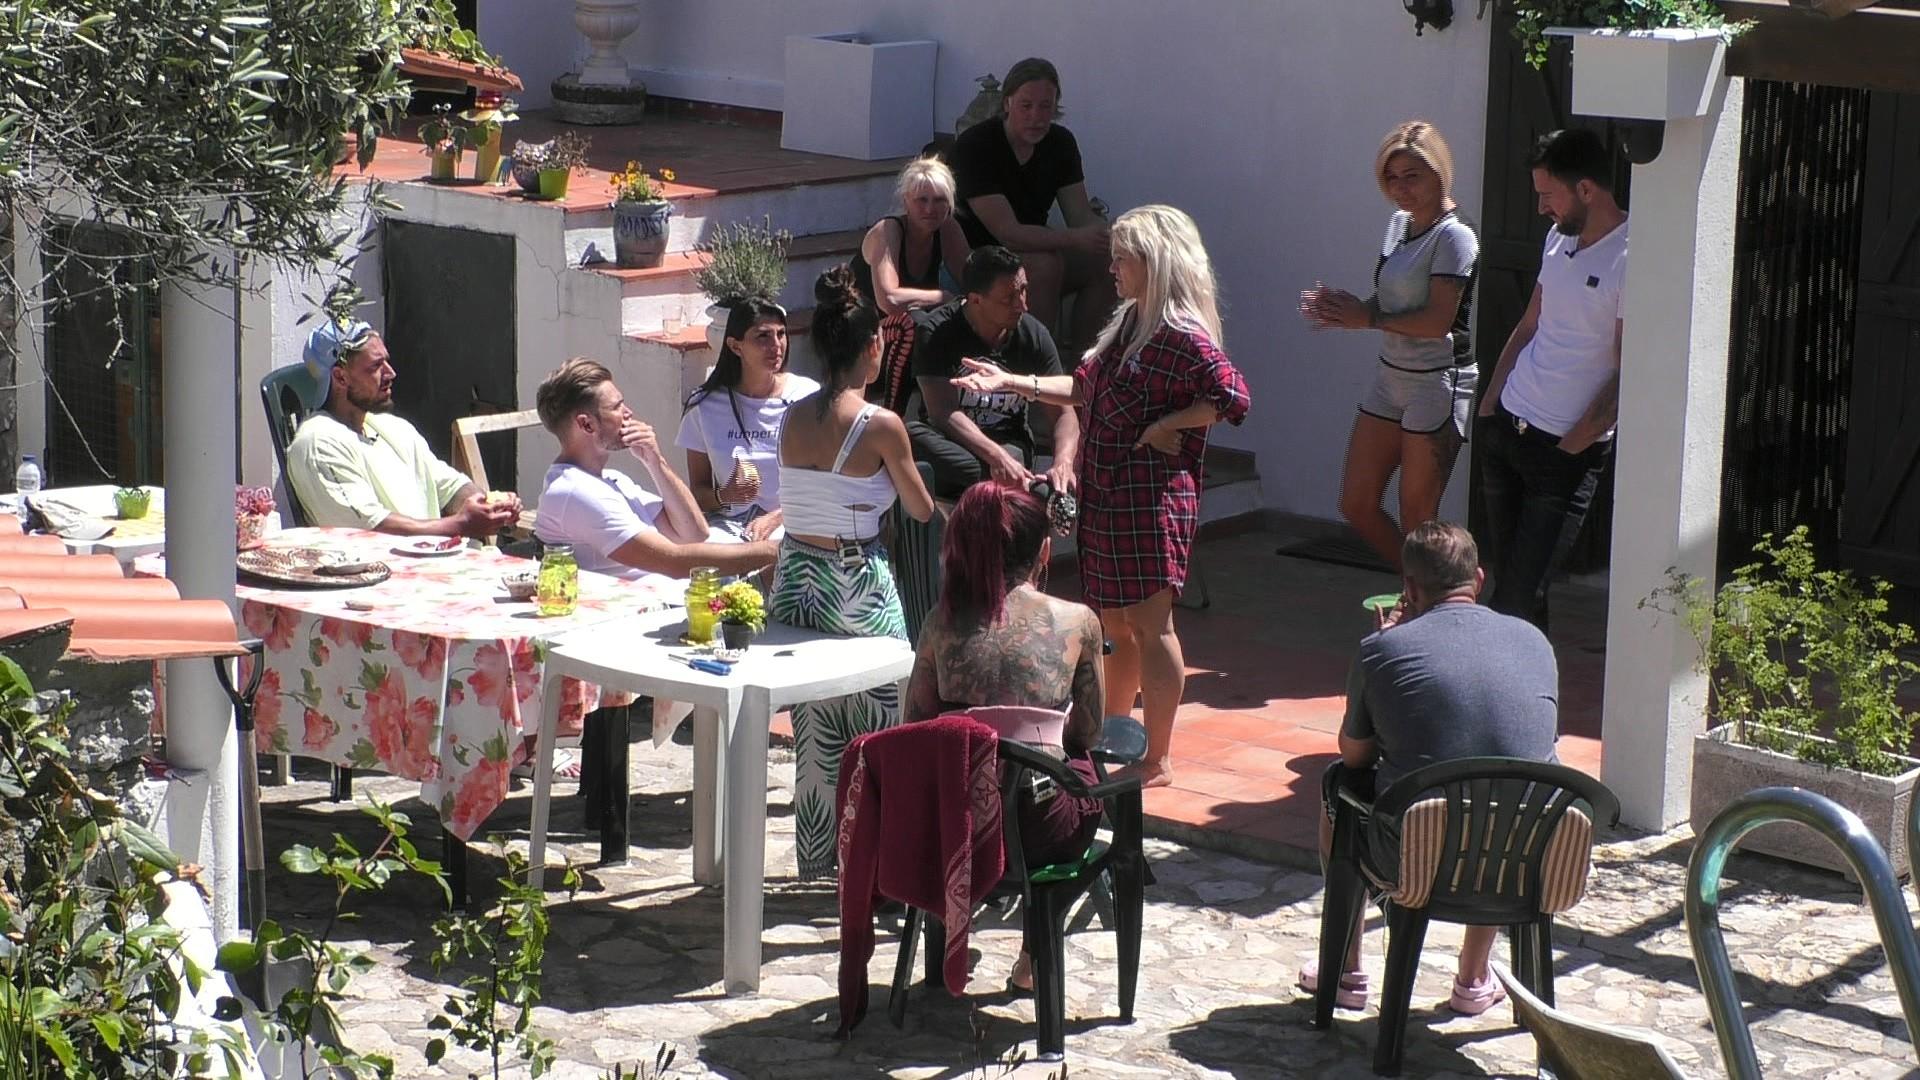 Sommerhaus der Stars 2019 Folg 3 Wer ist raus